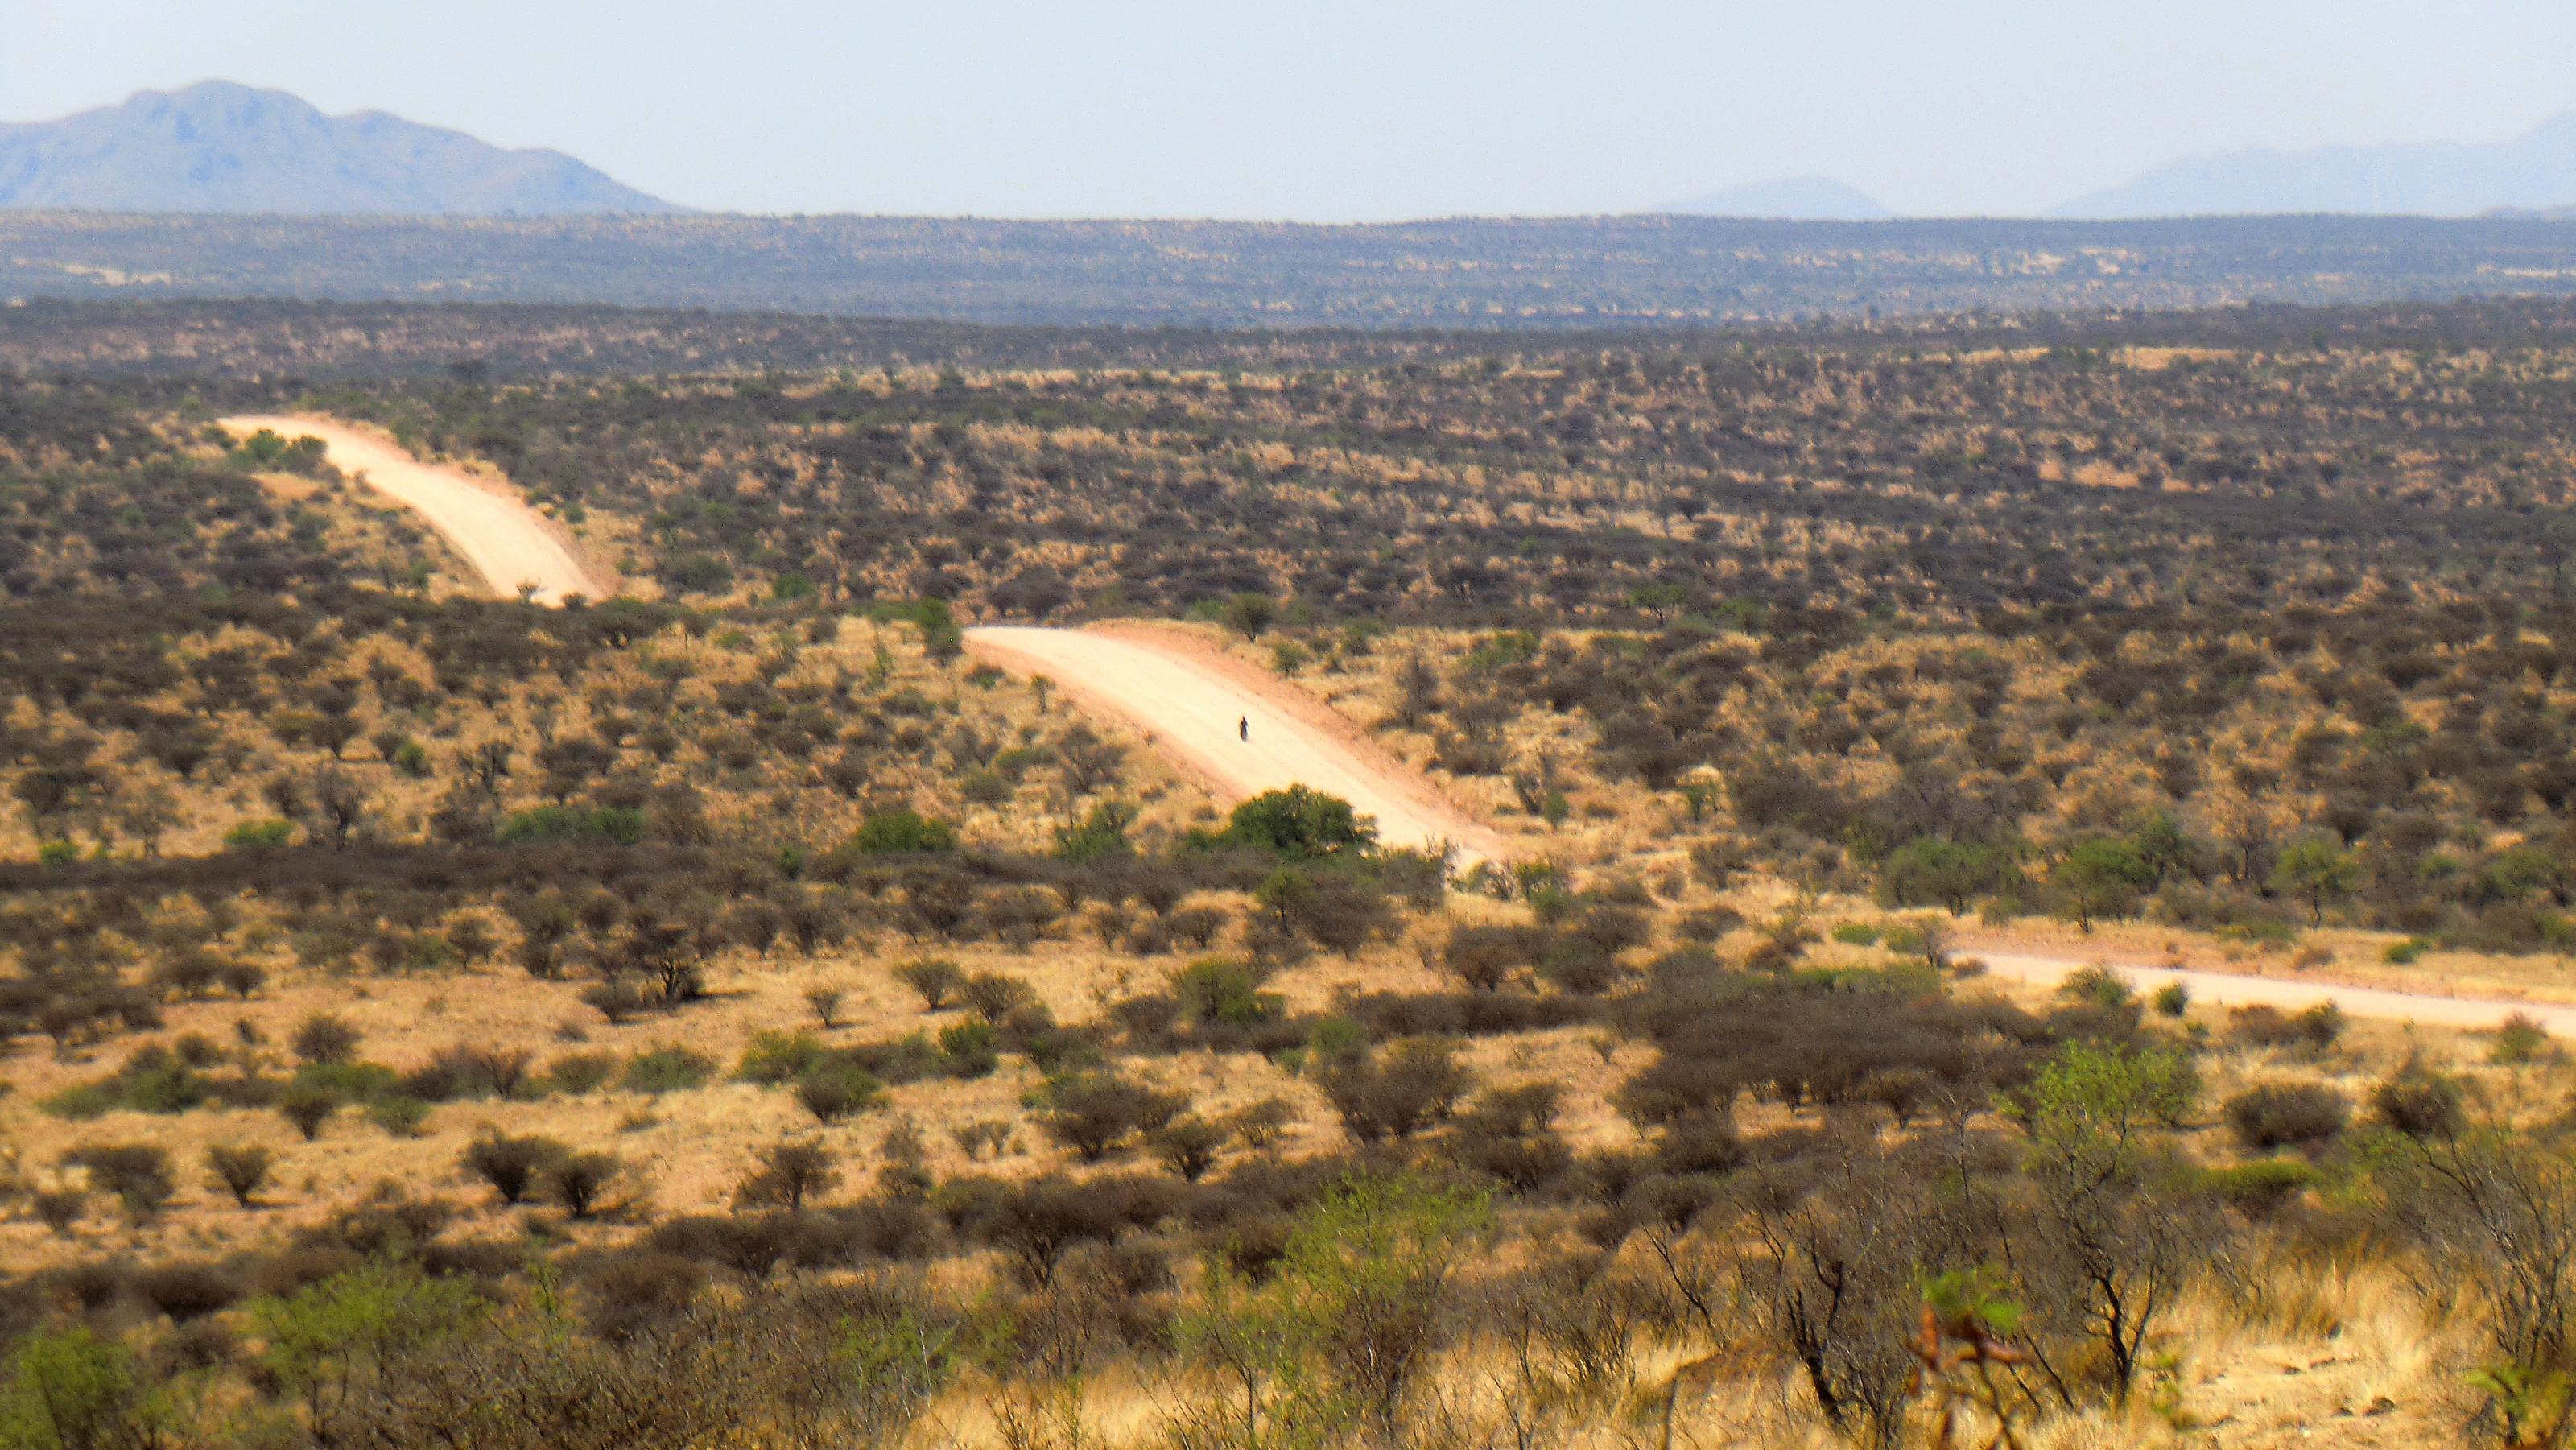 namibia_s-dafrika2015_045.jpg